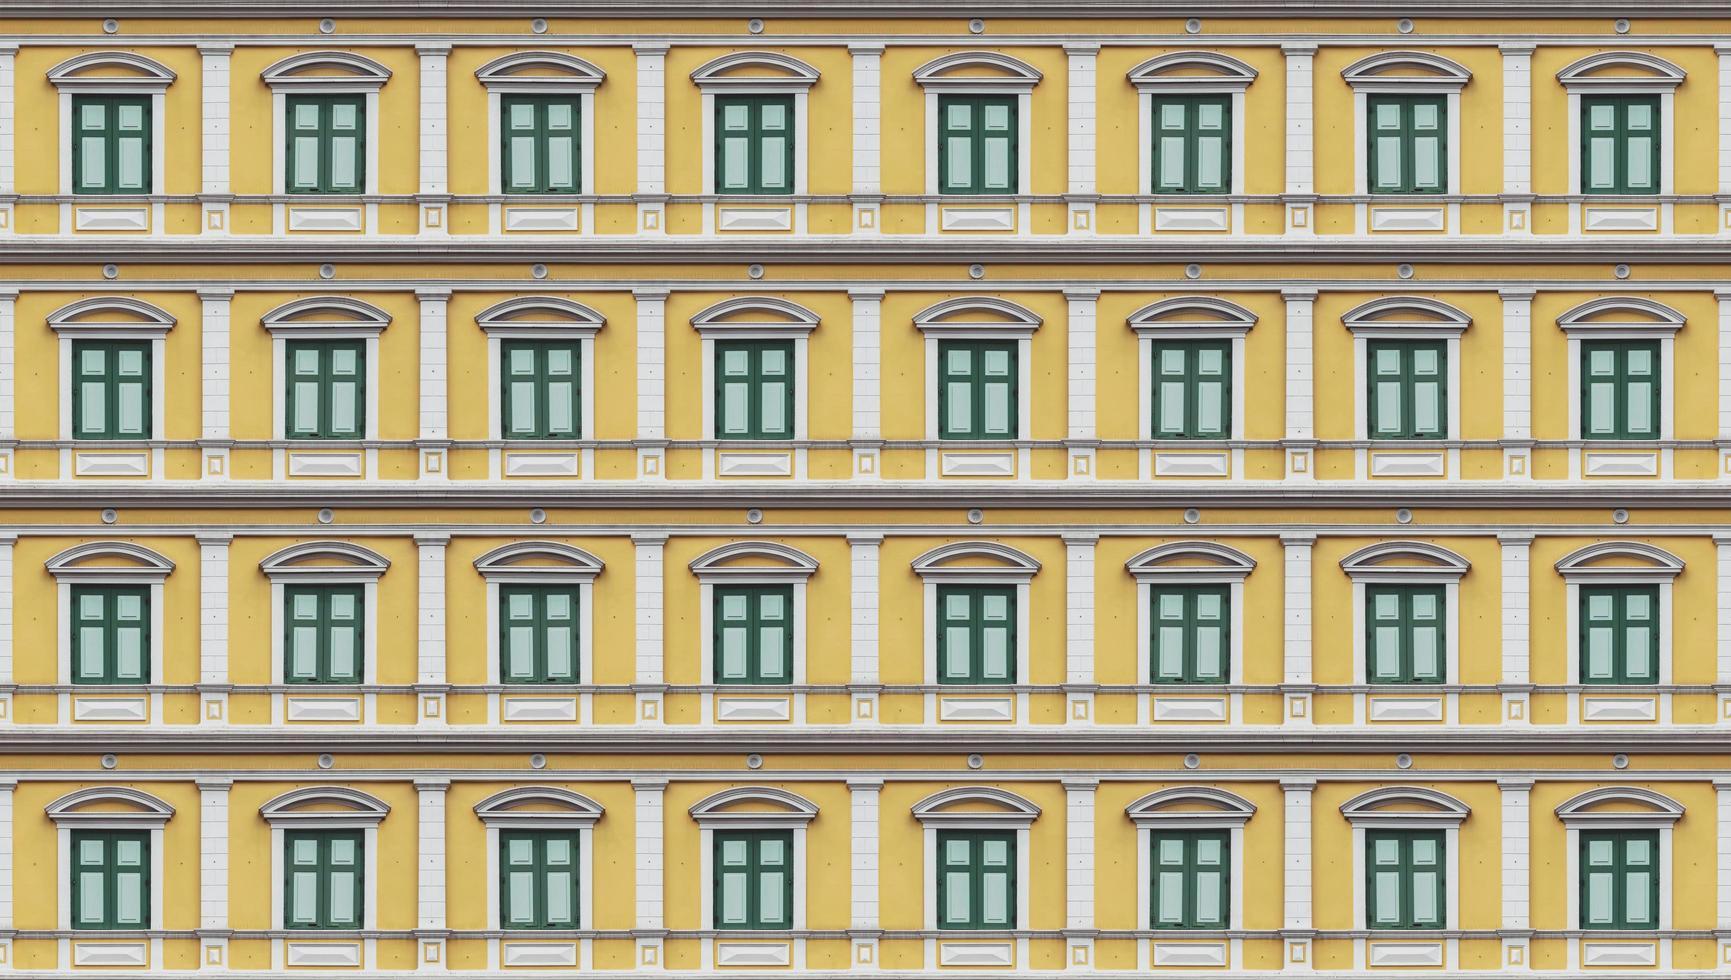 fundo de textura de janelas vintage foto